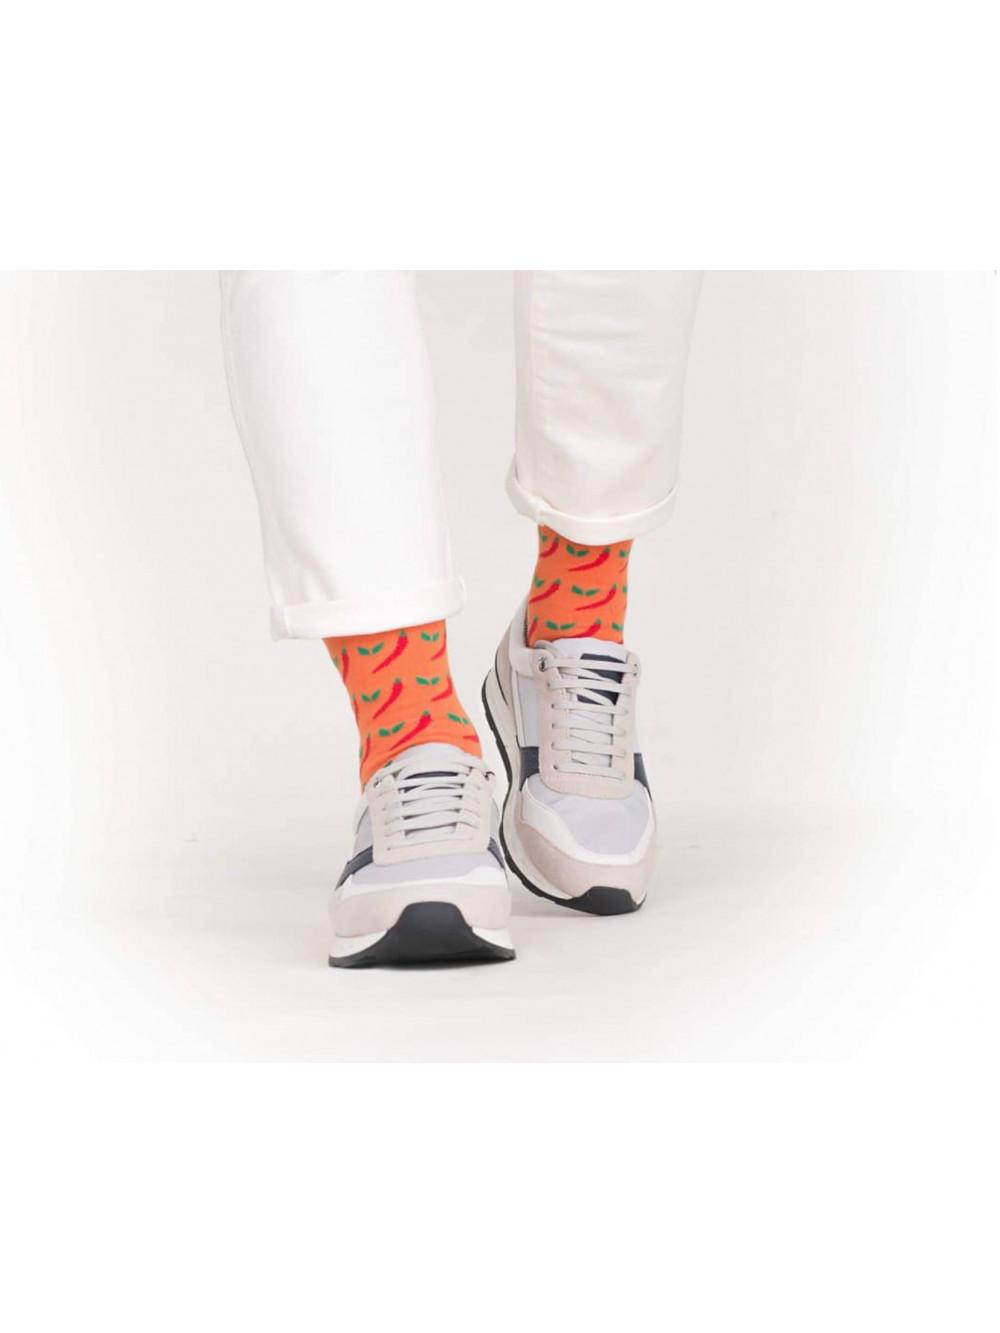 Ponožky Chilli Wola oranžové